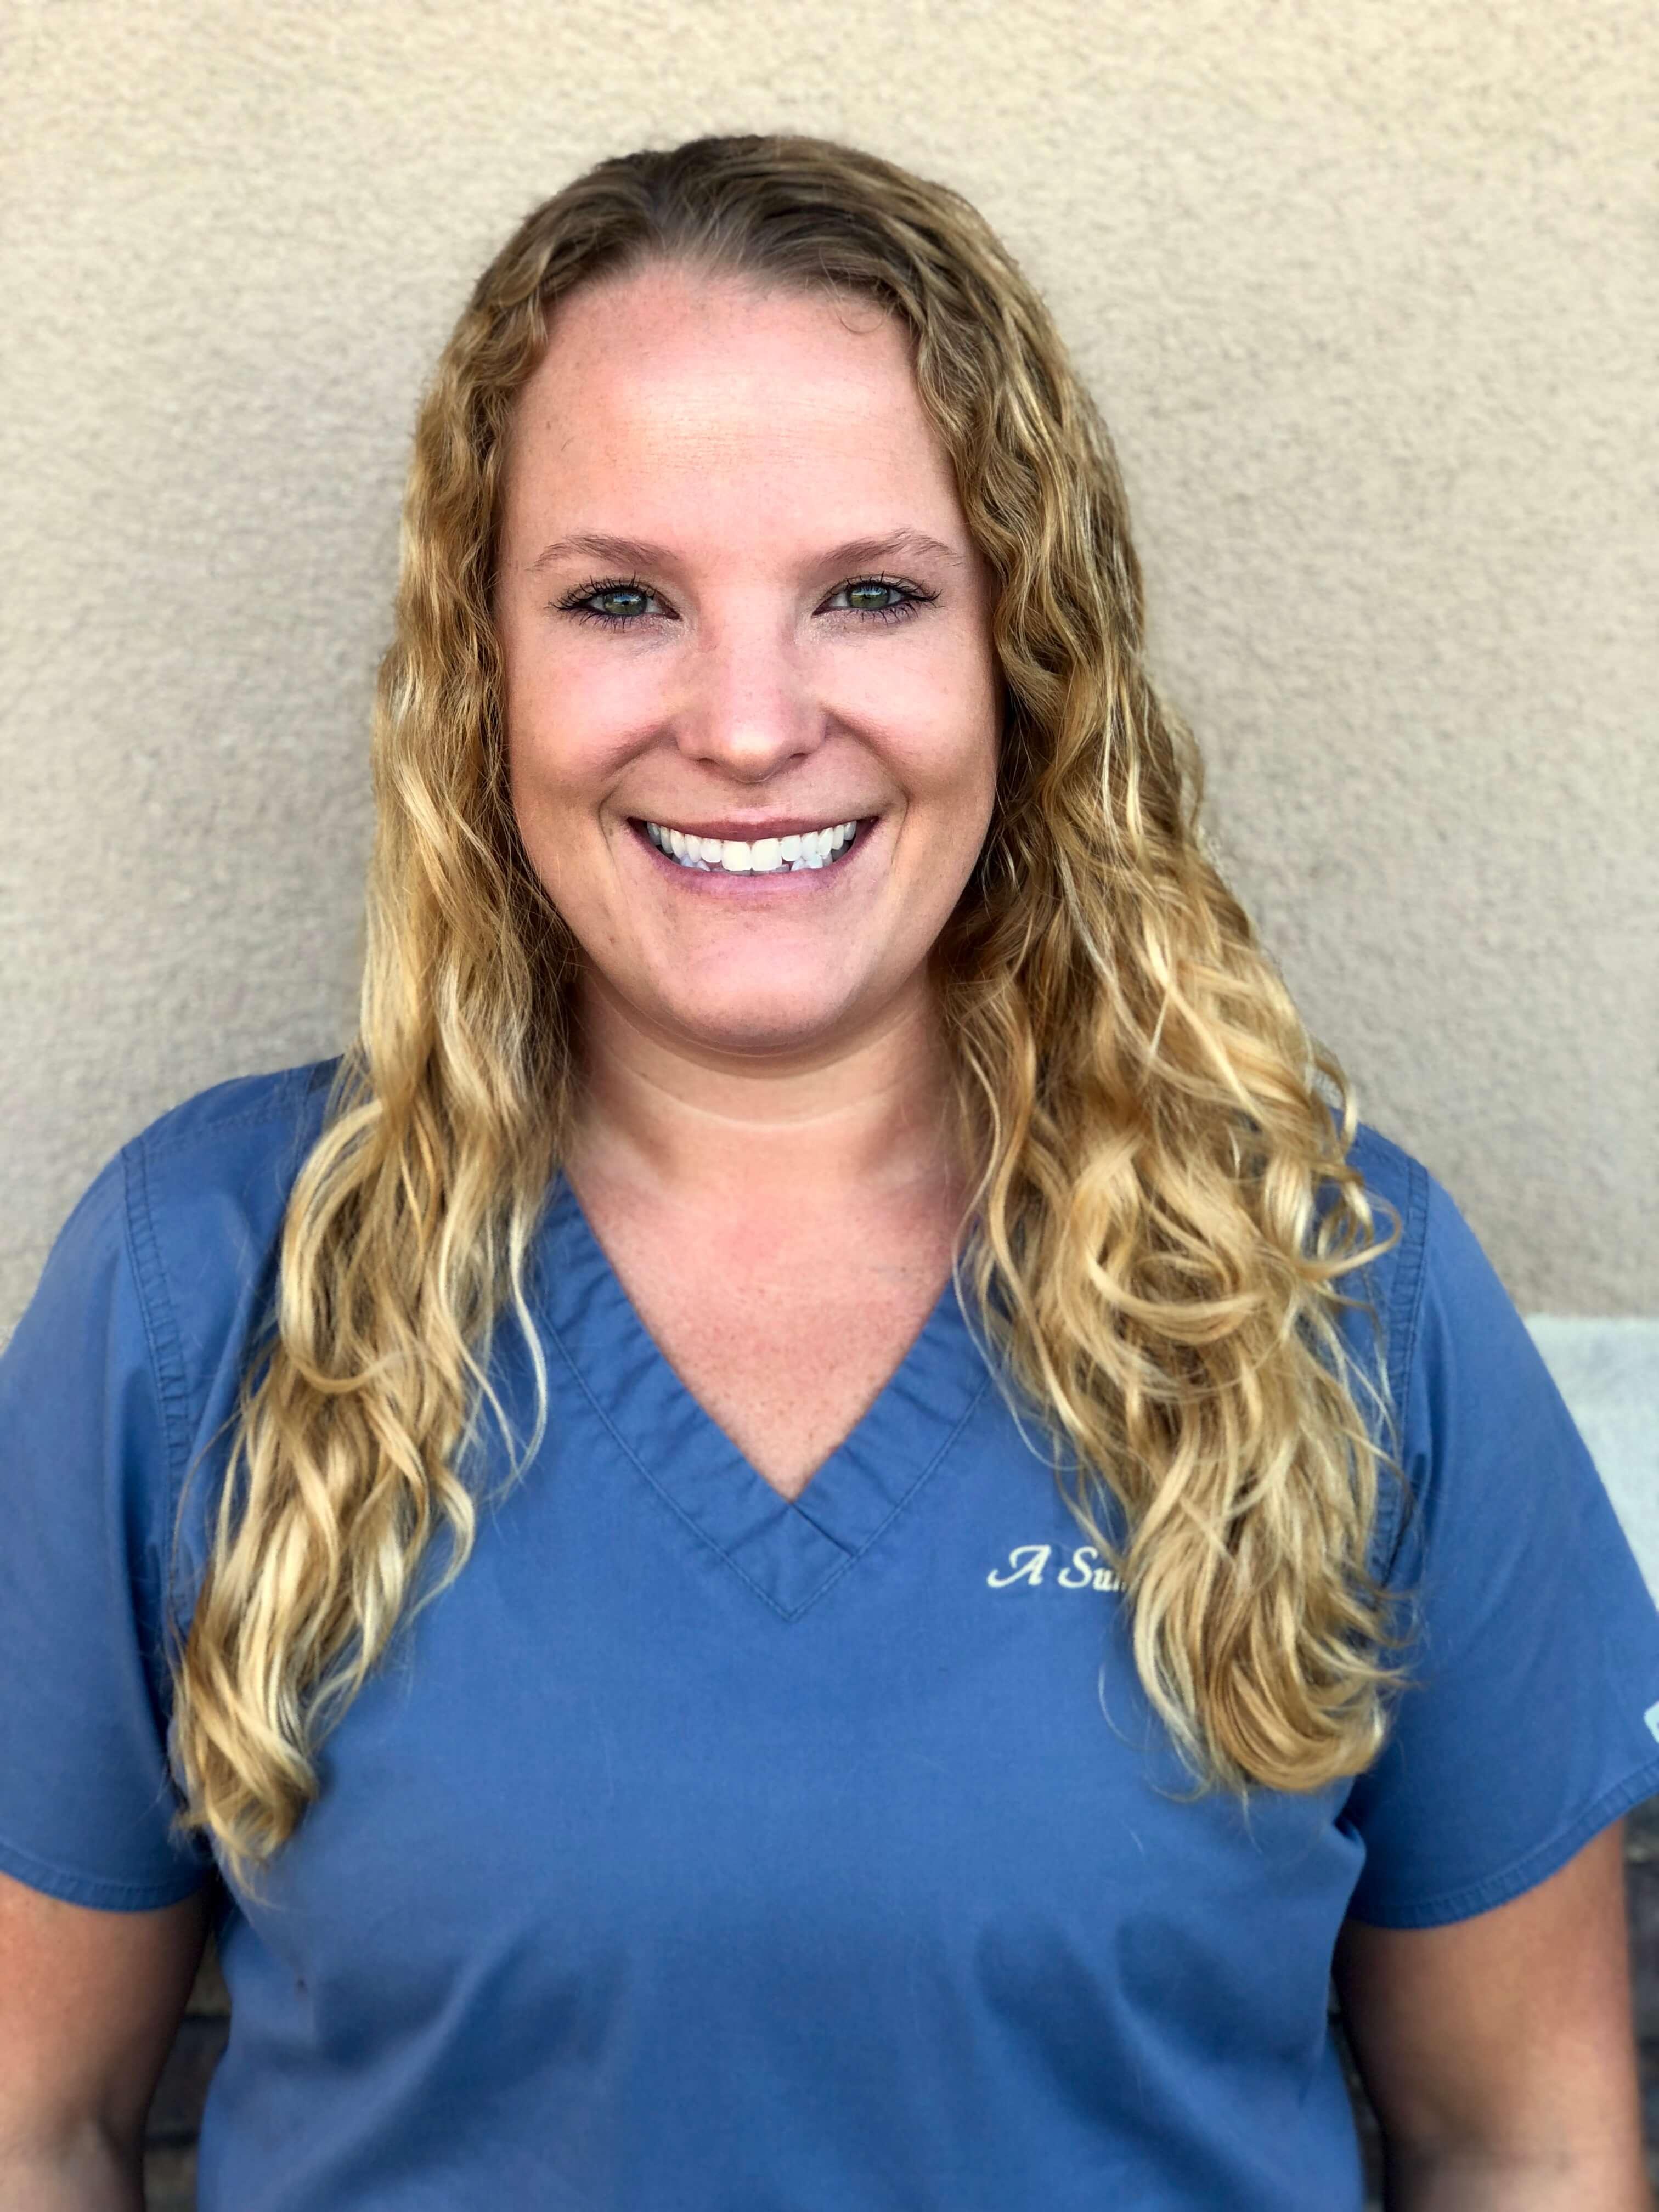 Sara - Lead Dental Hygienist